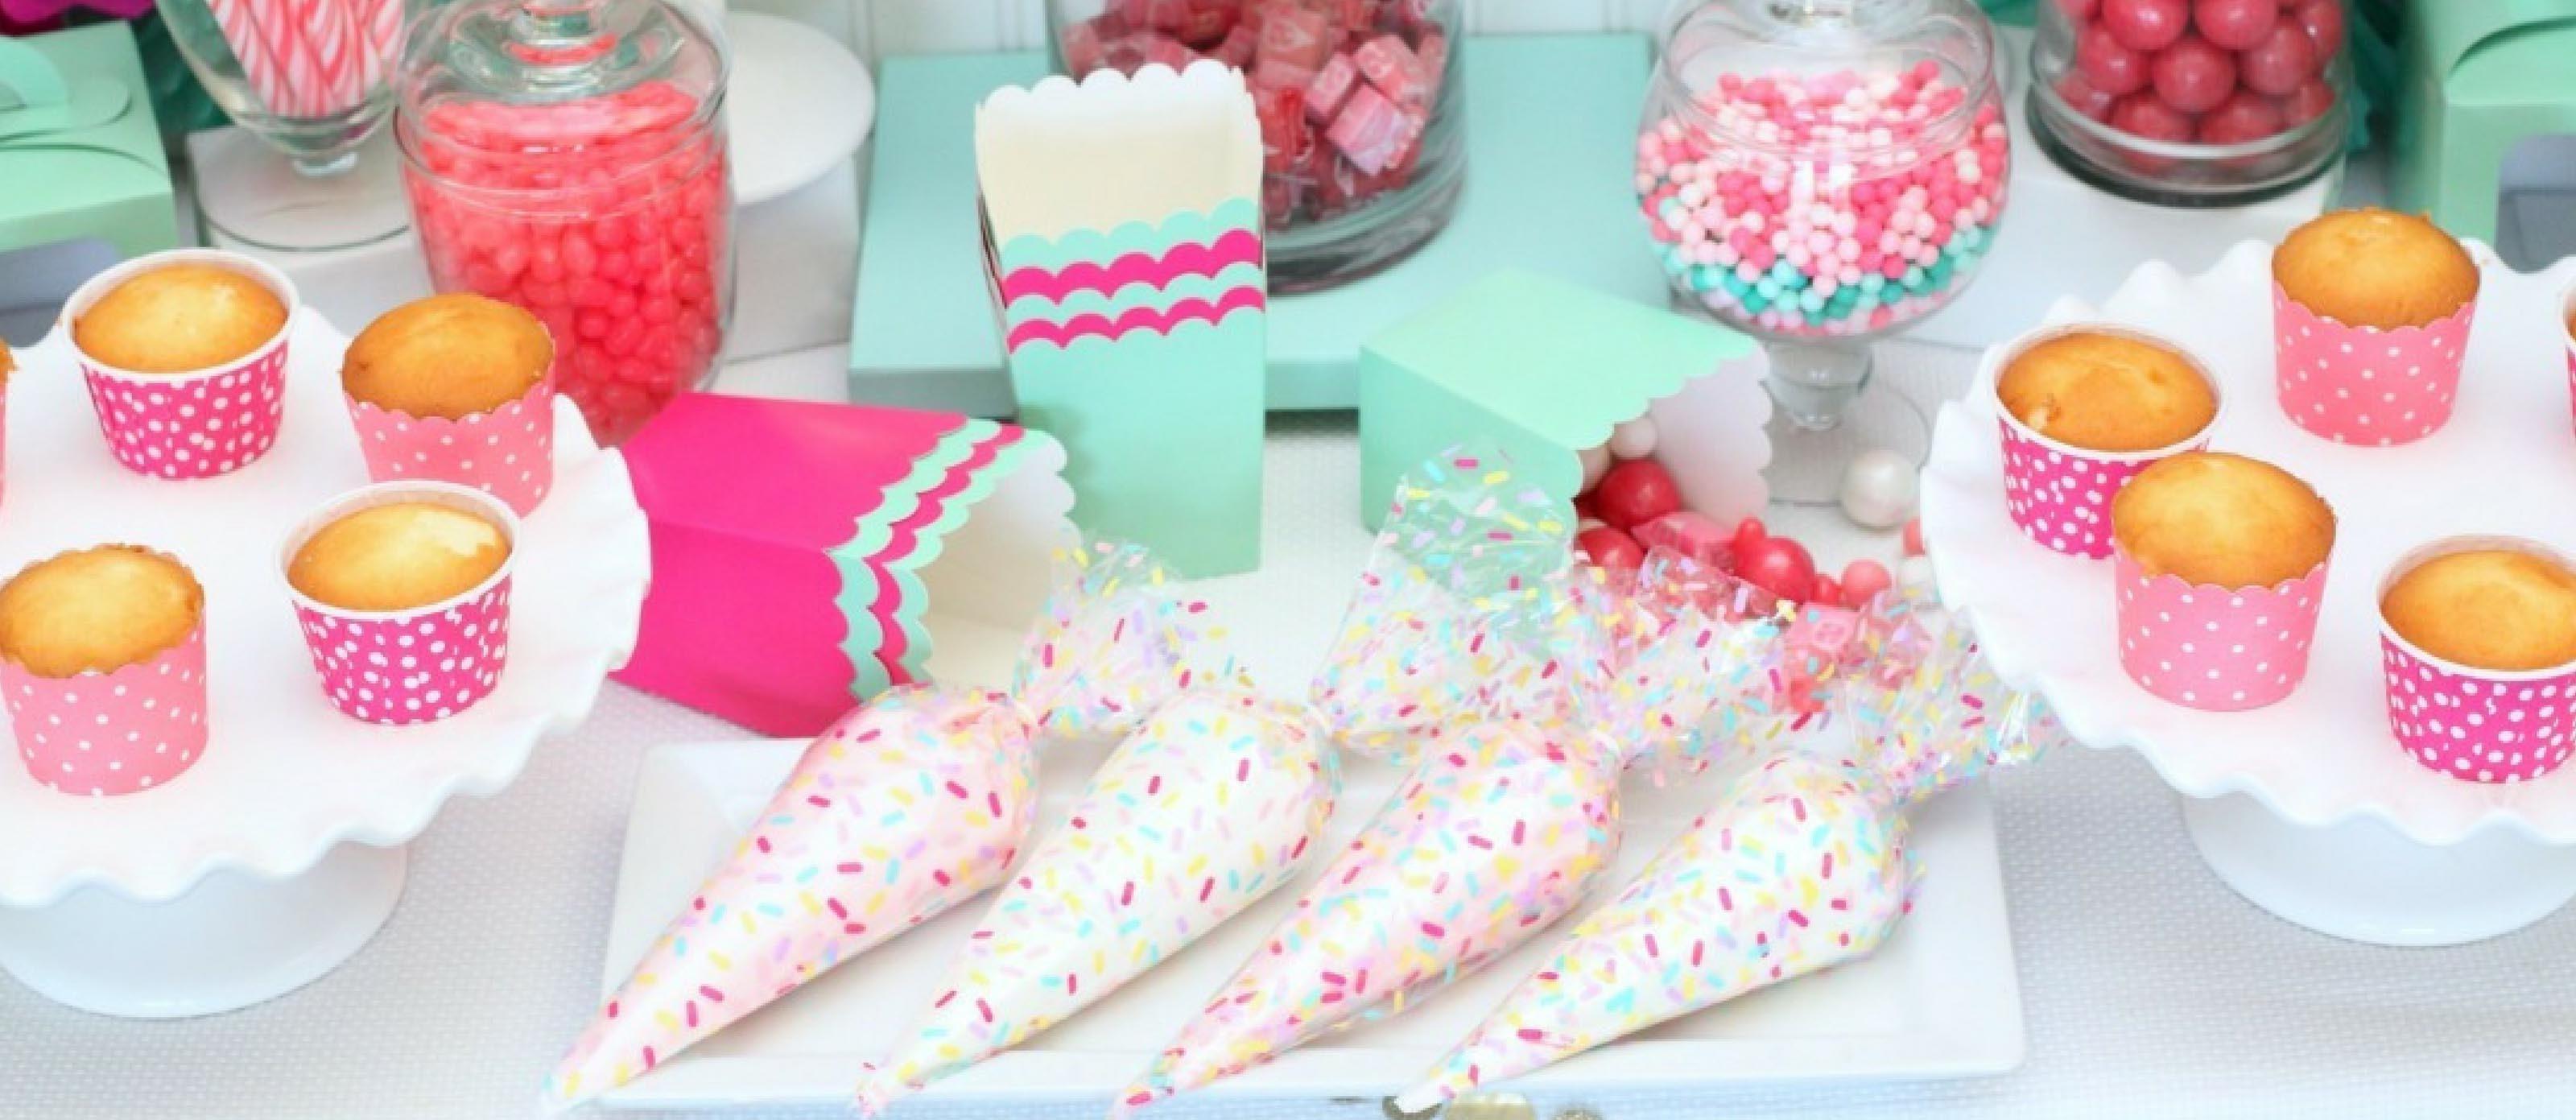 Pour une fête amusante, donnez du glaçage à chaque invité et laissez-le décorer les cupcakes.